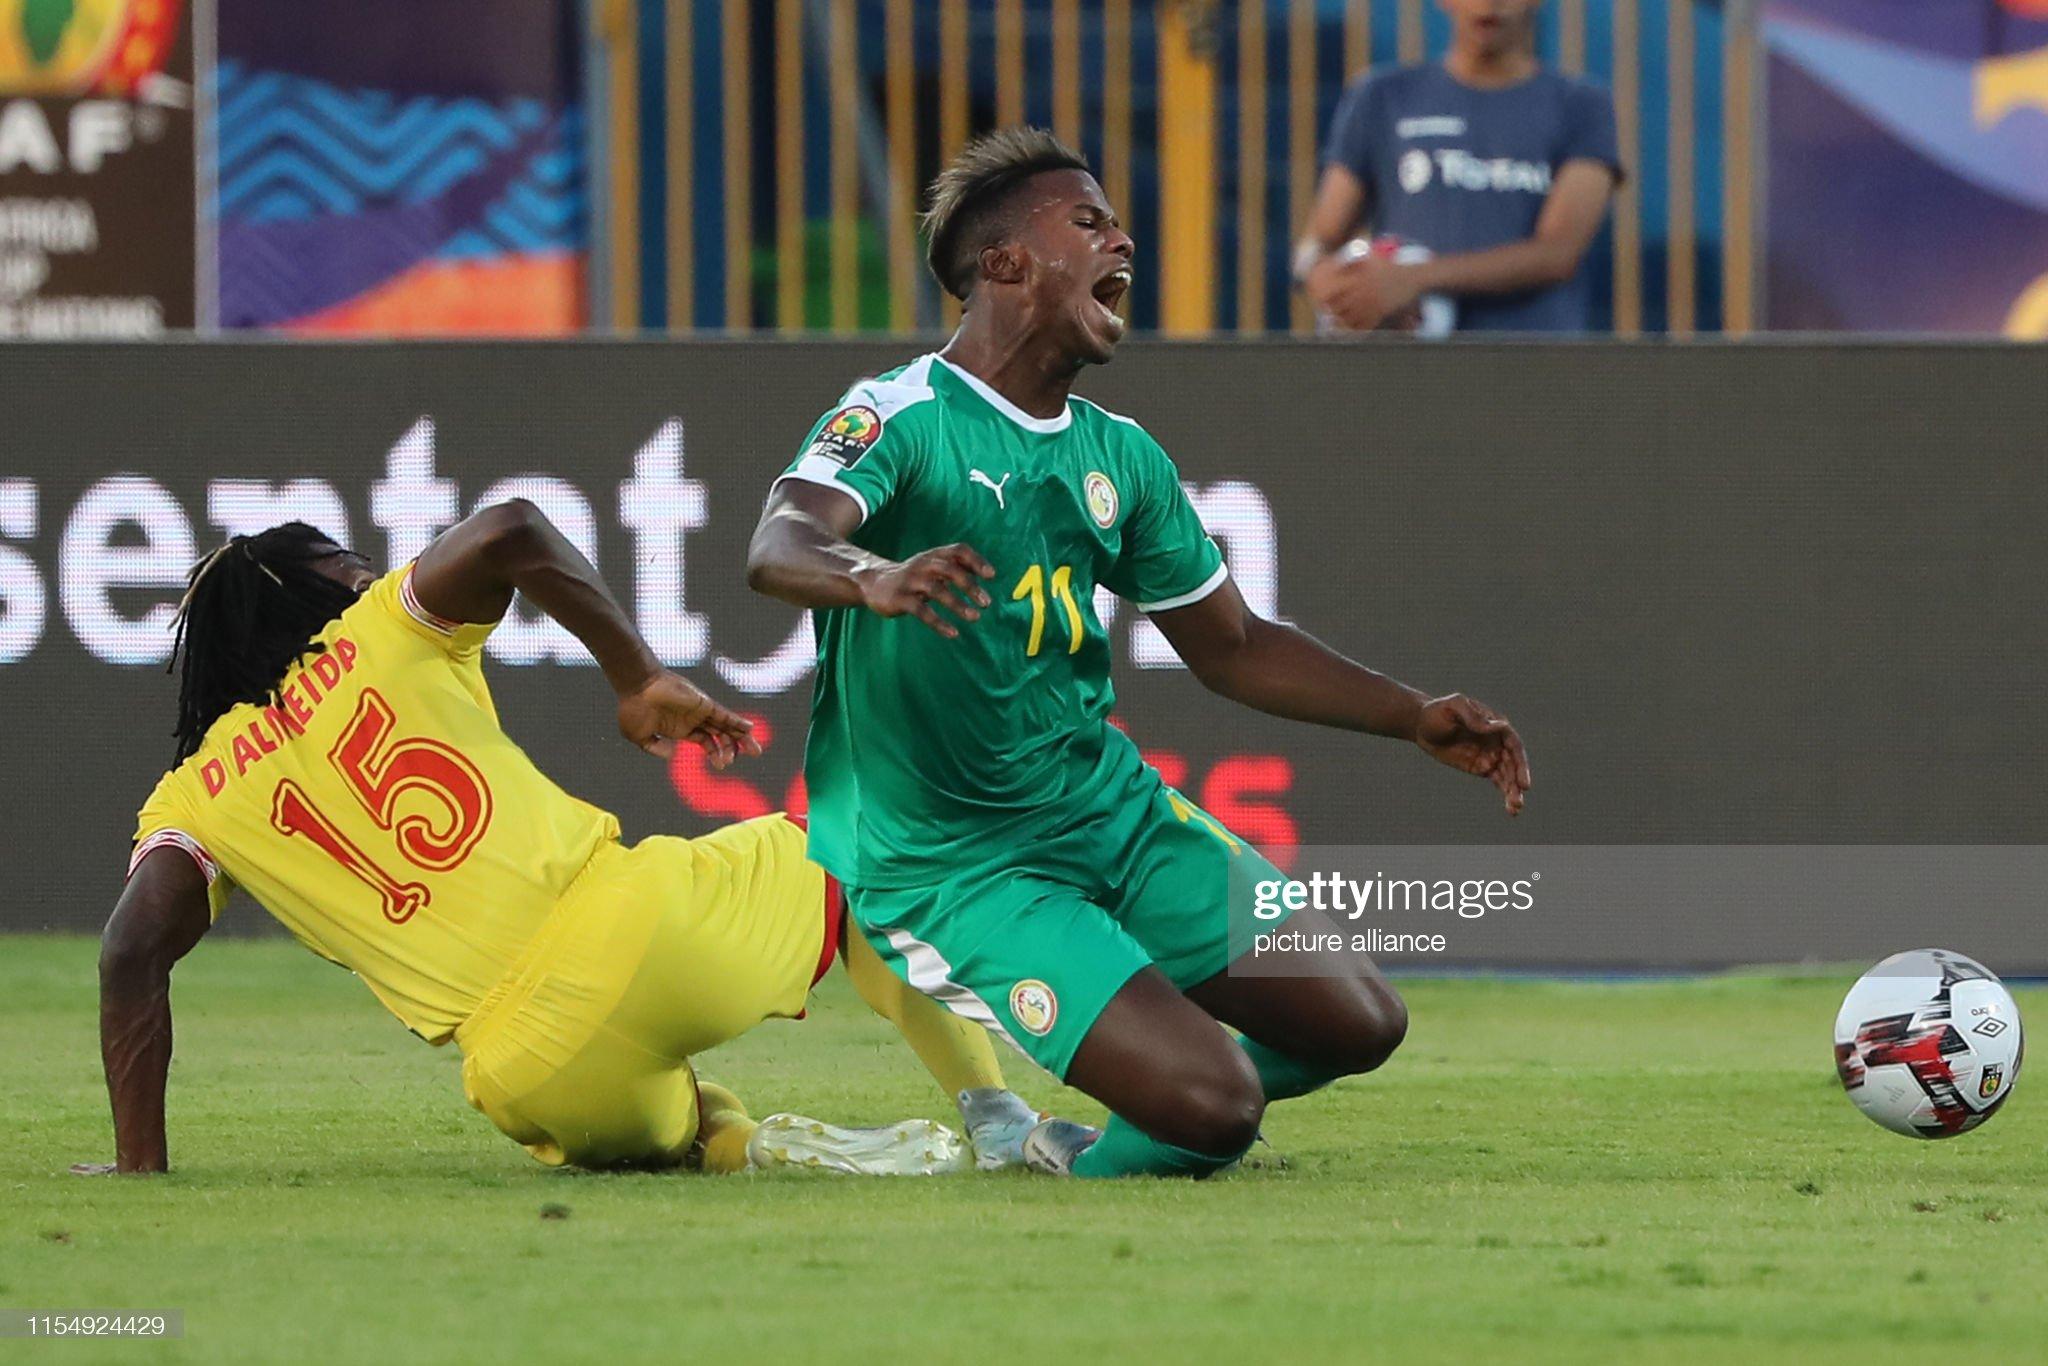 2019 Africa Cup of Nations - Senegla vs Benin : Photo d'actualité